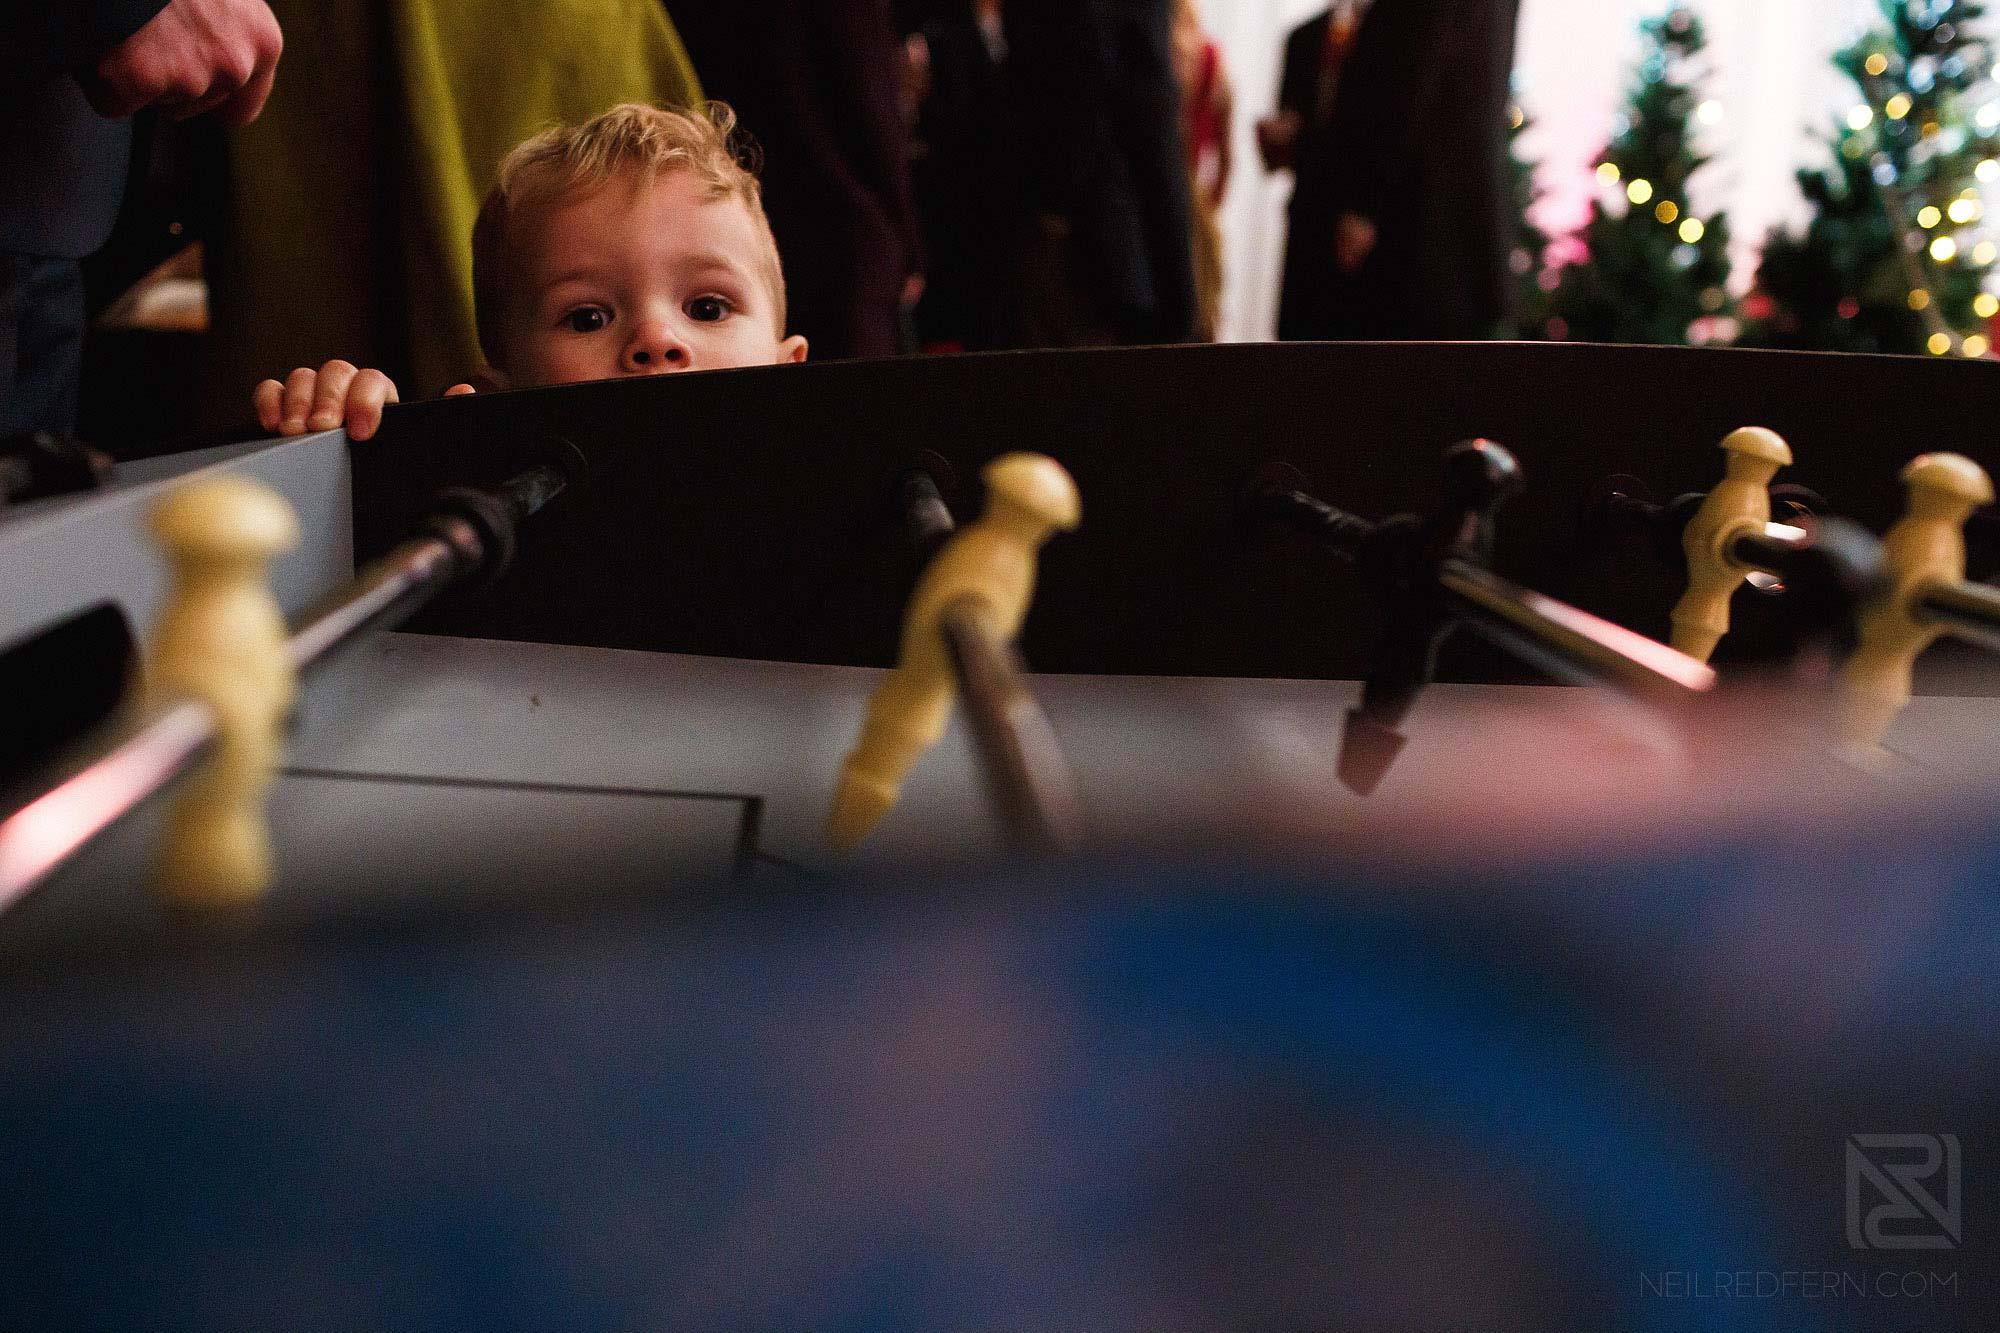 little boy play air hockey at wedding